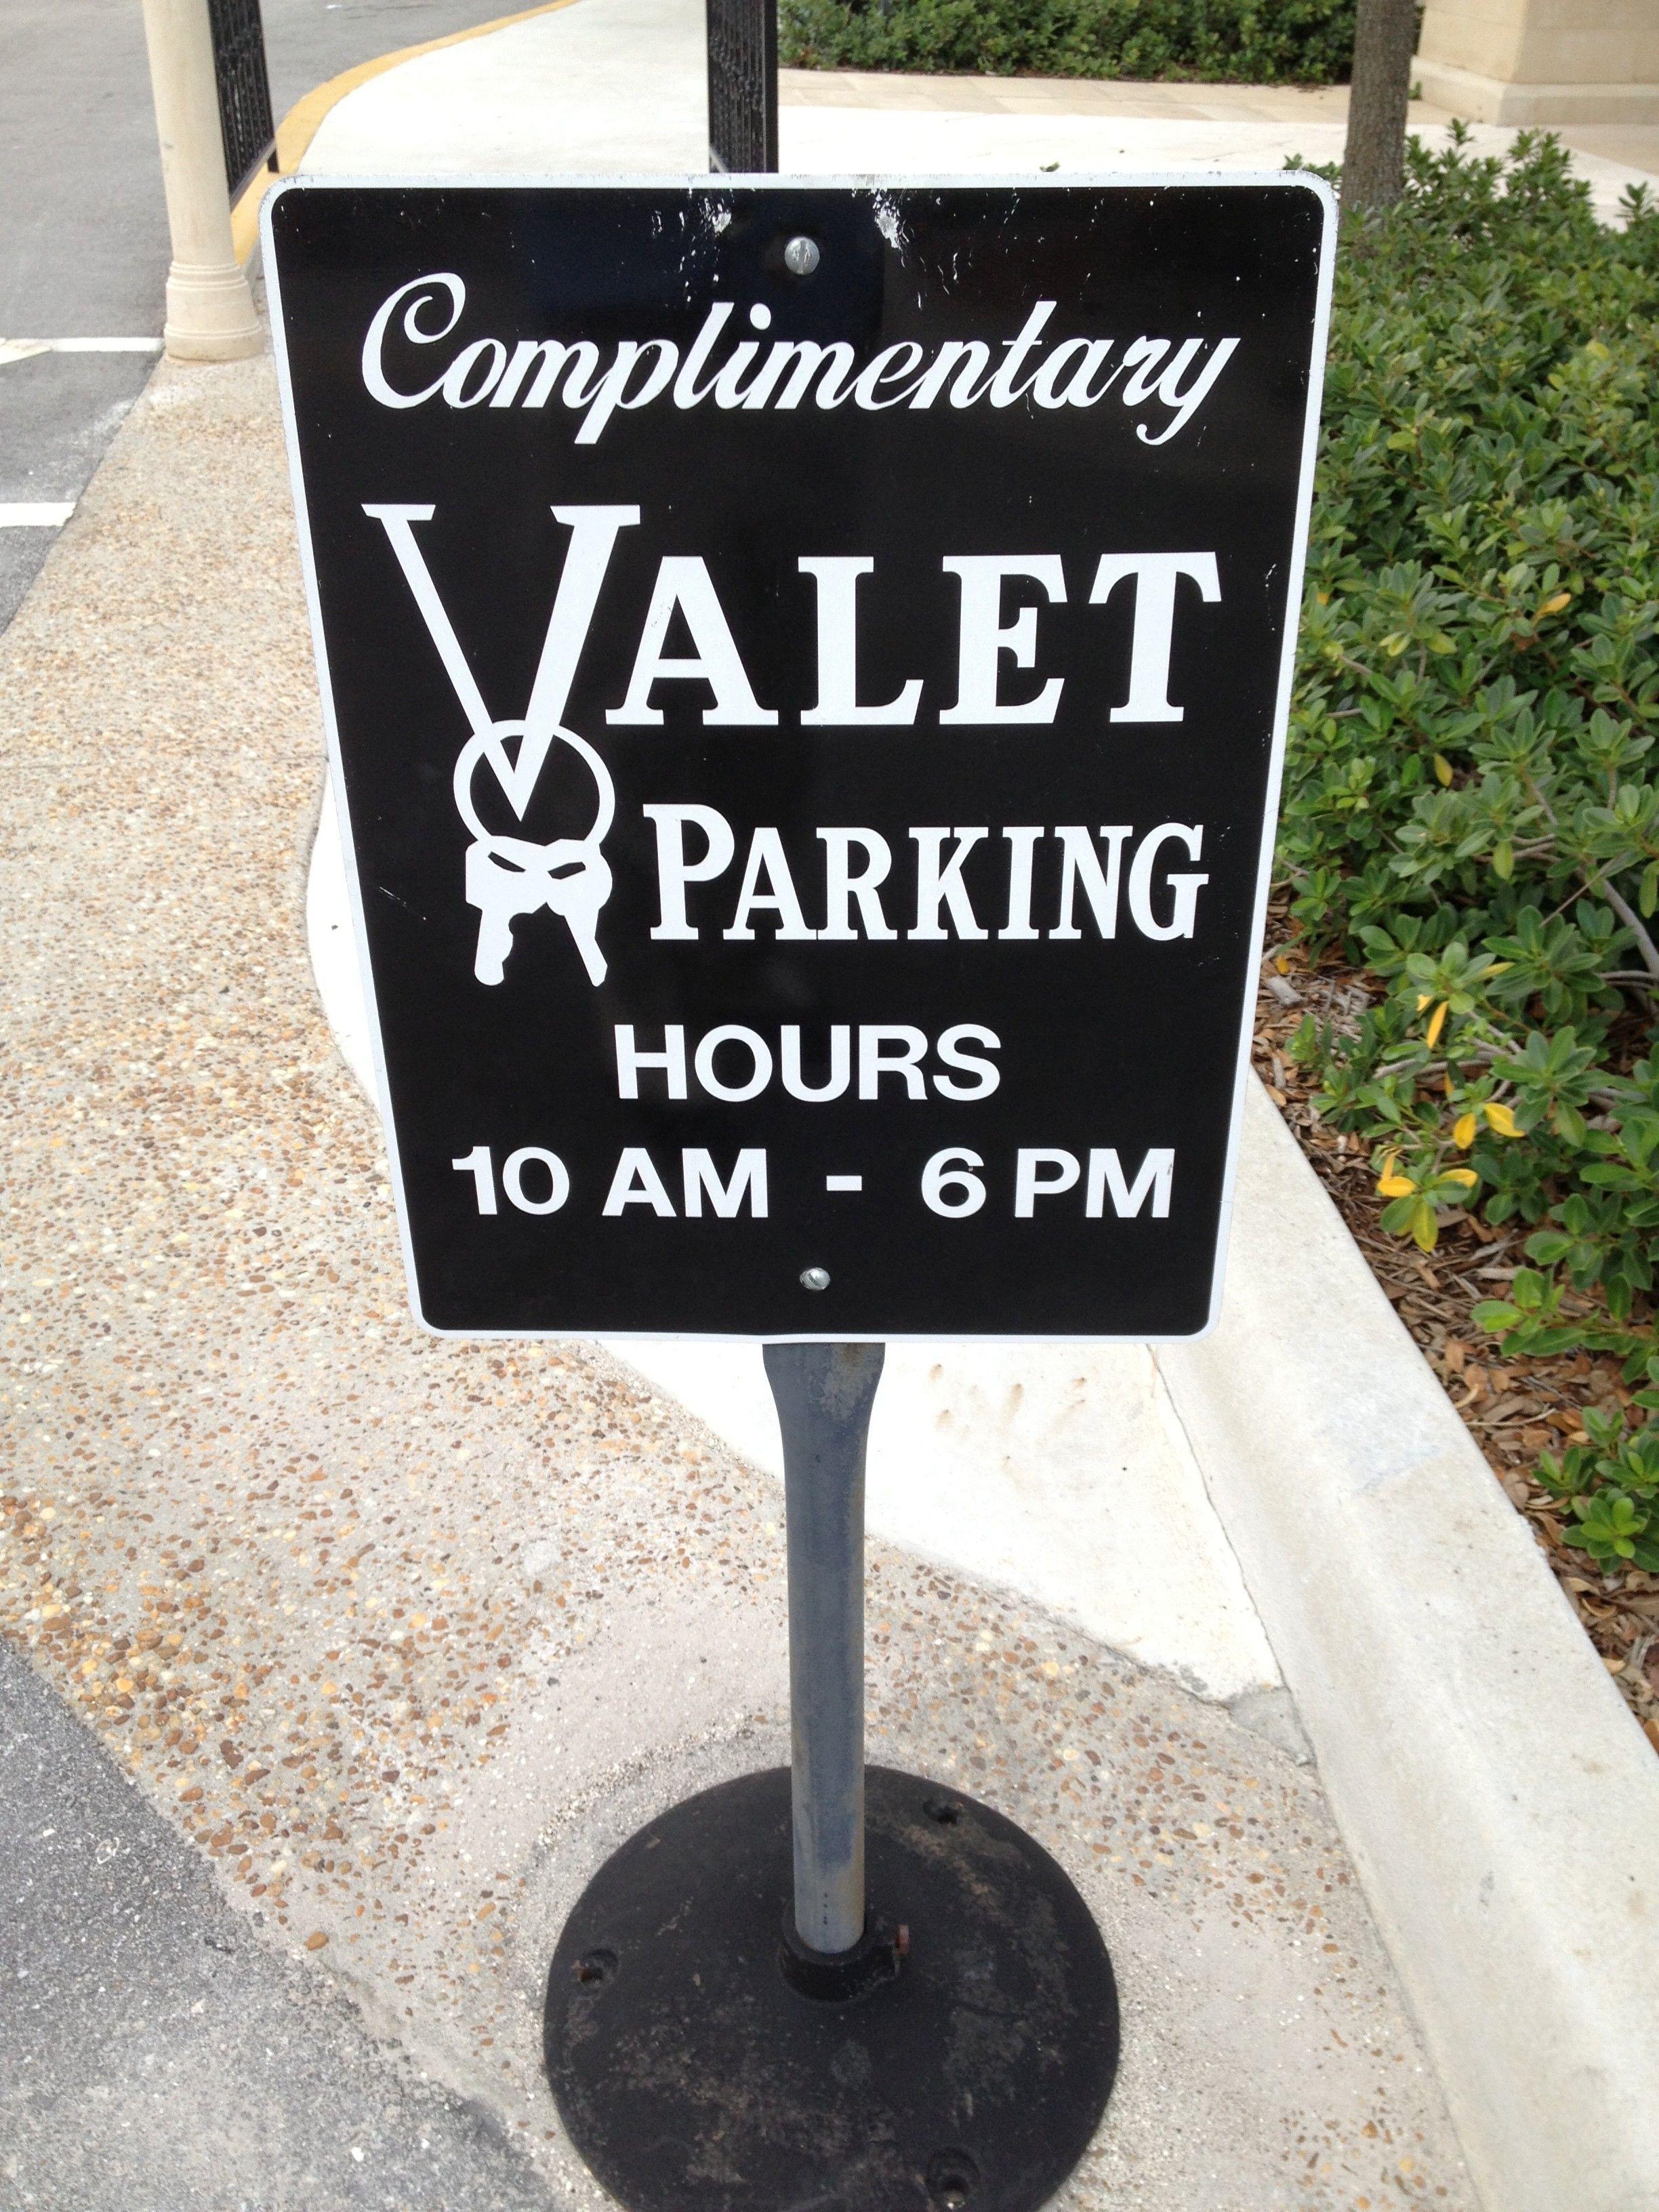 Valet Parking At Publix Supermarket Palm Beach